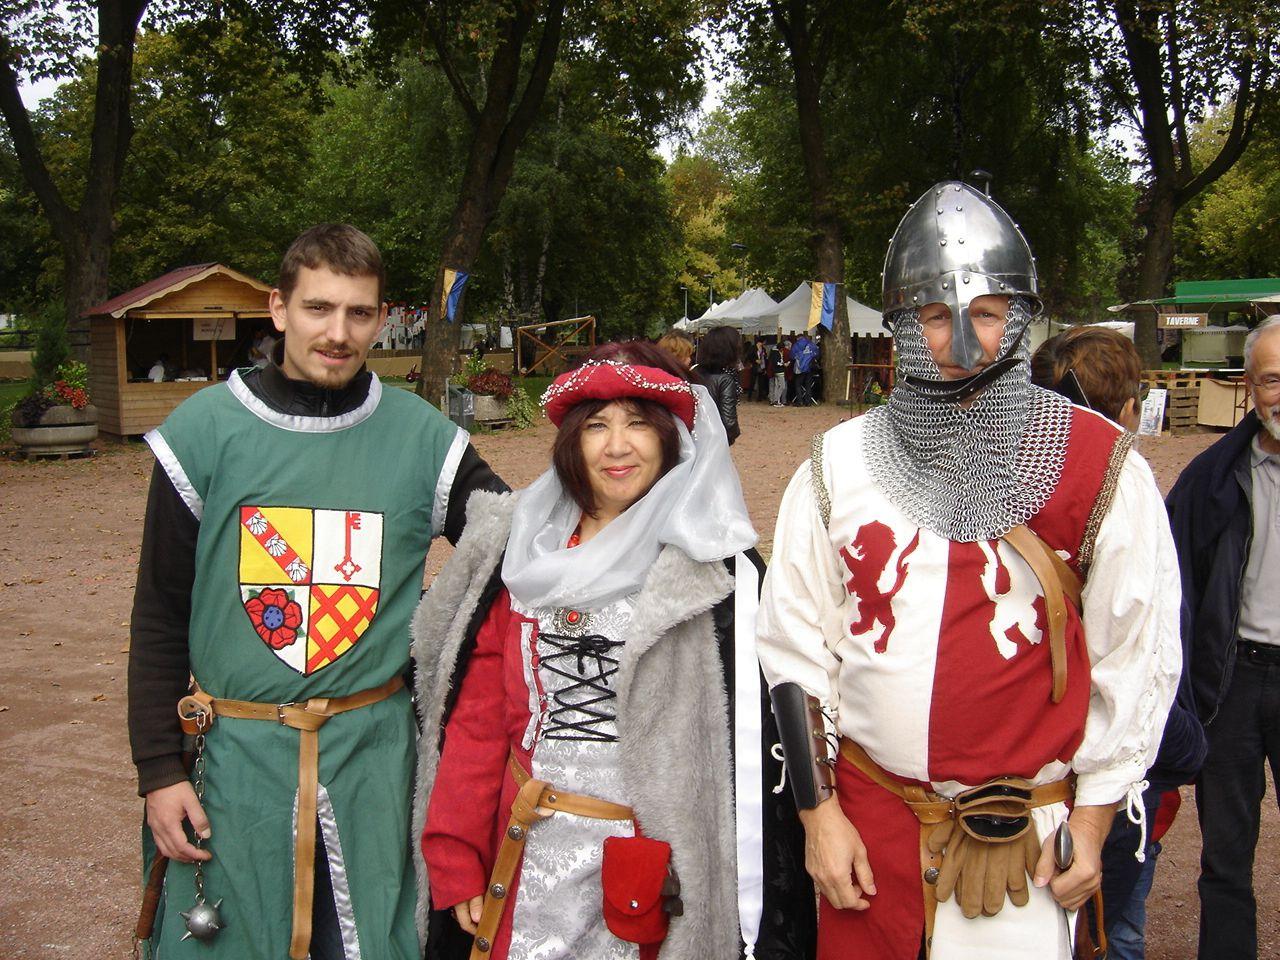 Samedi 25 septembre Gente Dame Renée, seigneur Daniel et les chevaliers Mathieu et Quentin à la fête médiévale de Pont à Mousson